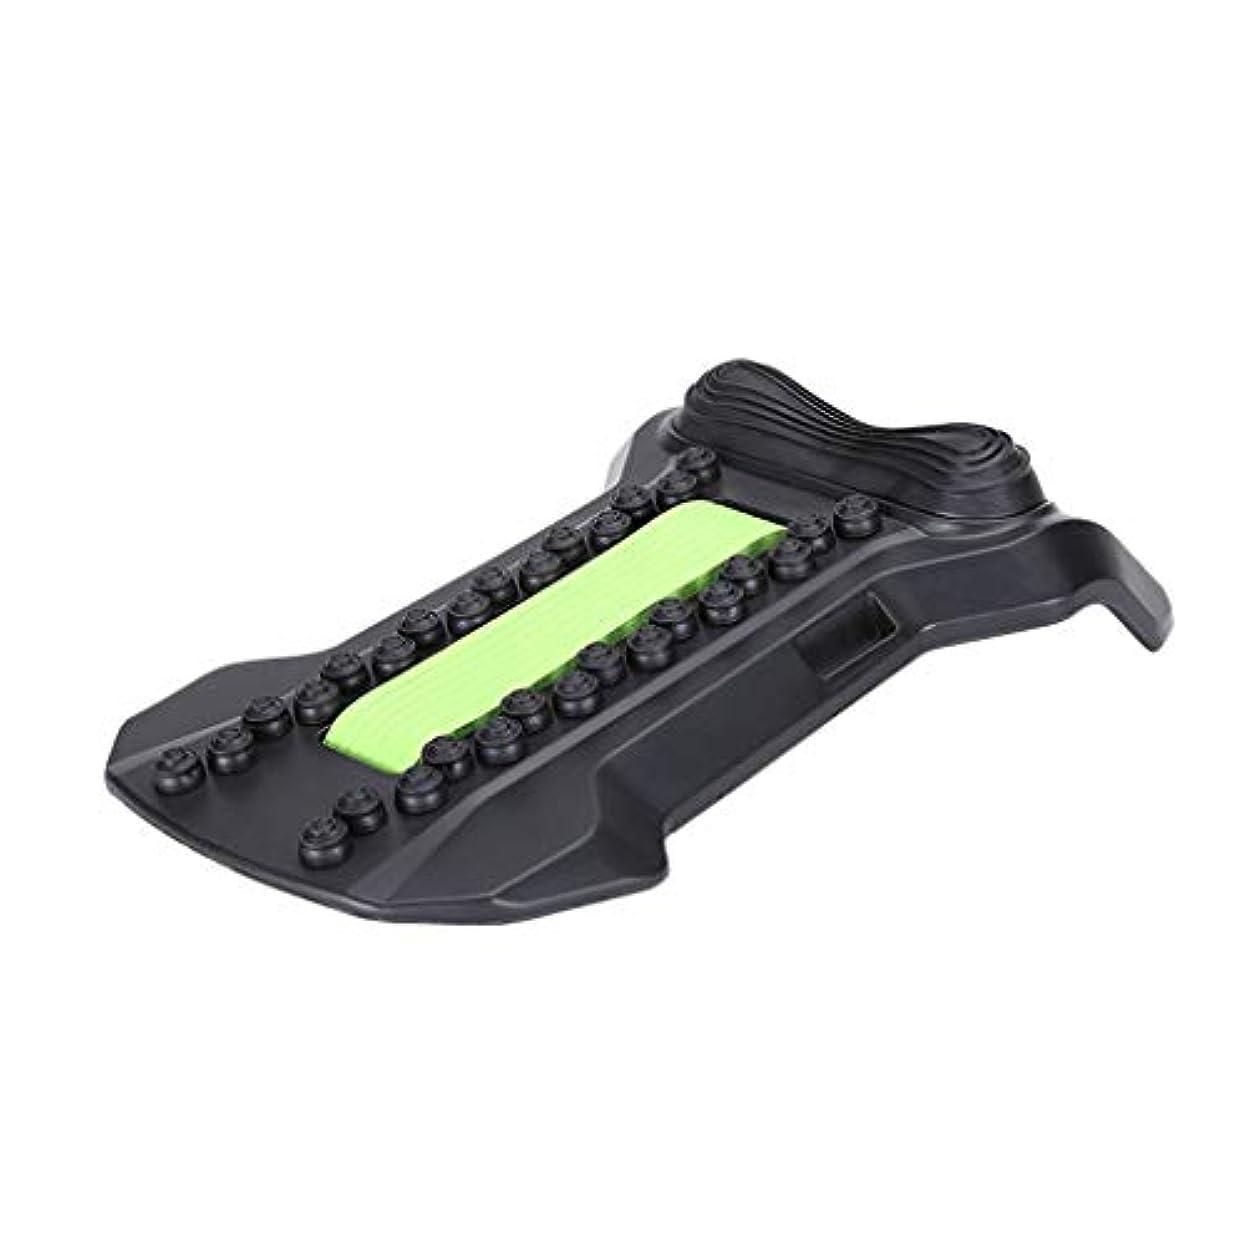 フォアタイプ足首オーガニック背部マッサージャーの伸張装置、腰椎サポート弛緩の魔法の伸張器の適性の仲間の脊椎の痛みを和らげるカイロプラクター,Green